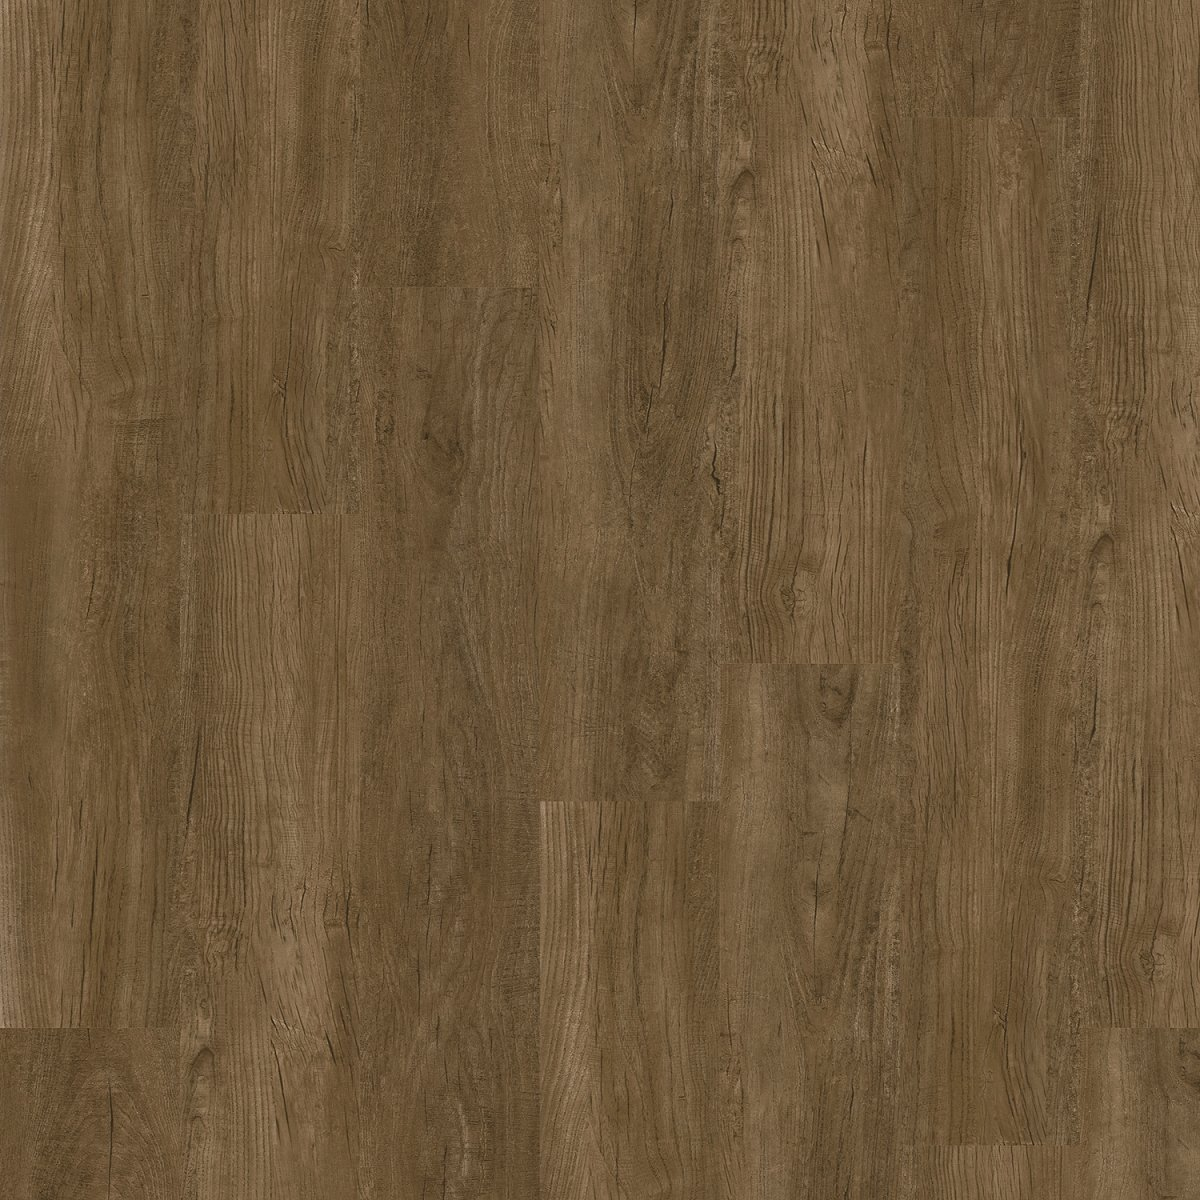 Luxury Vinyl Plank Flooring Fayetteville Ar